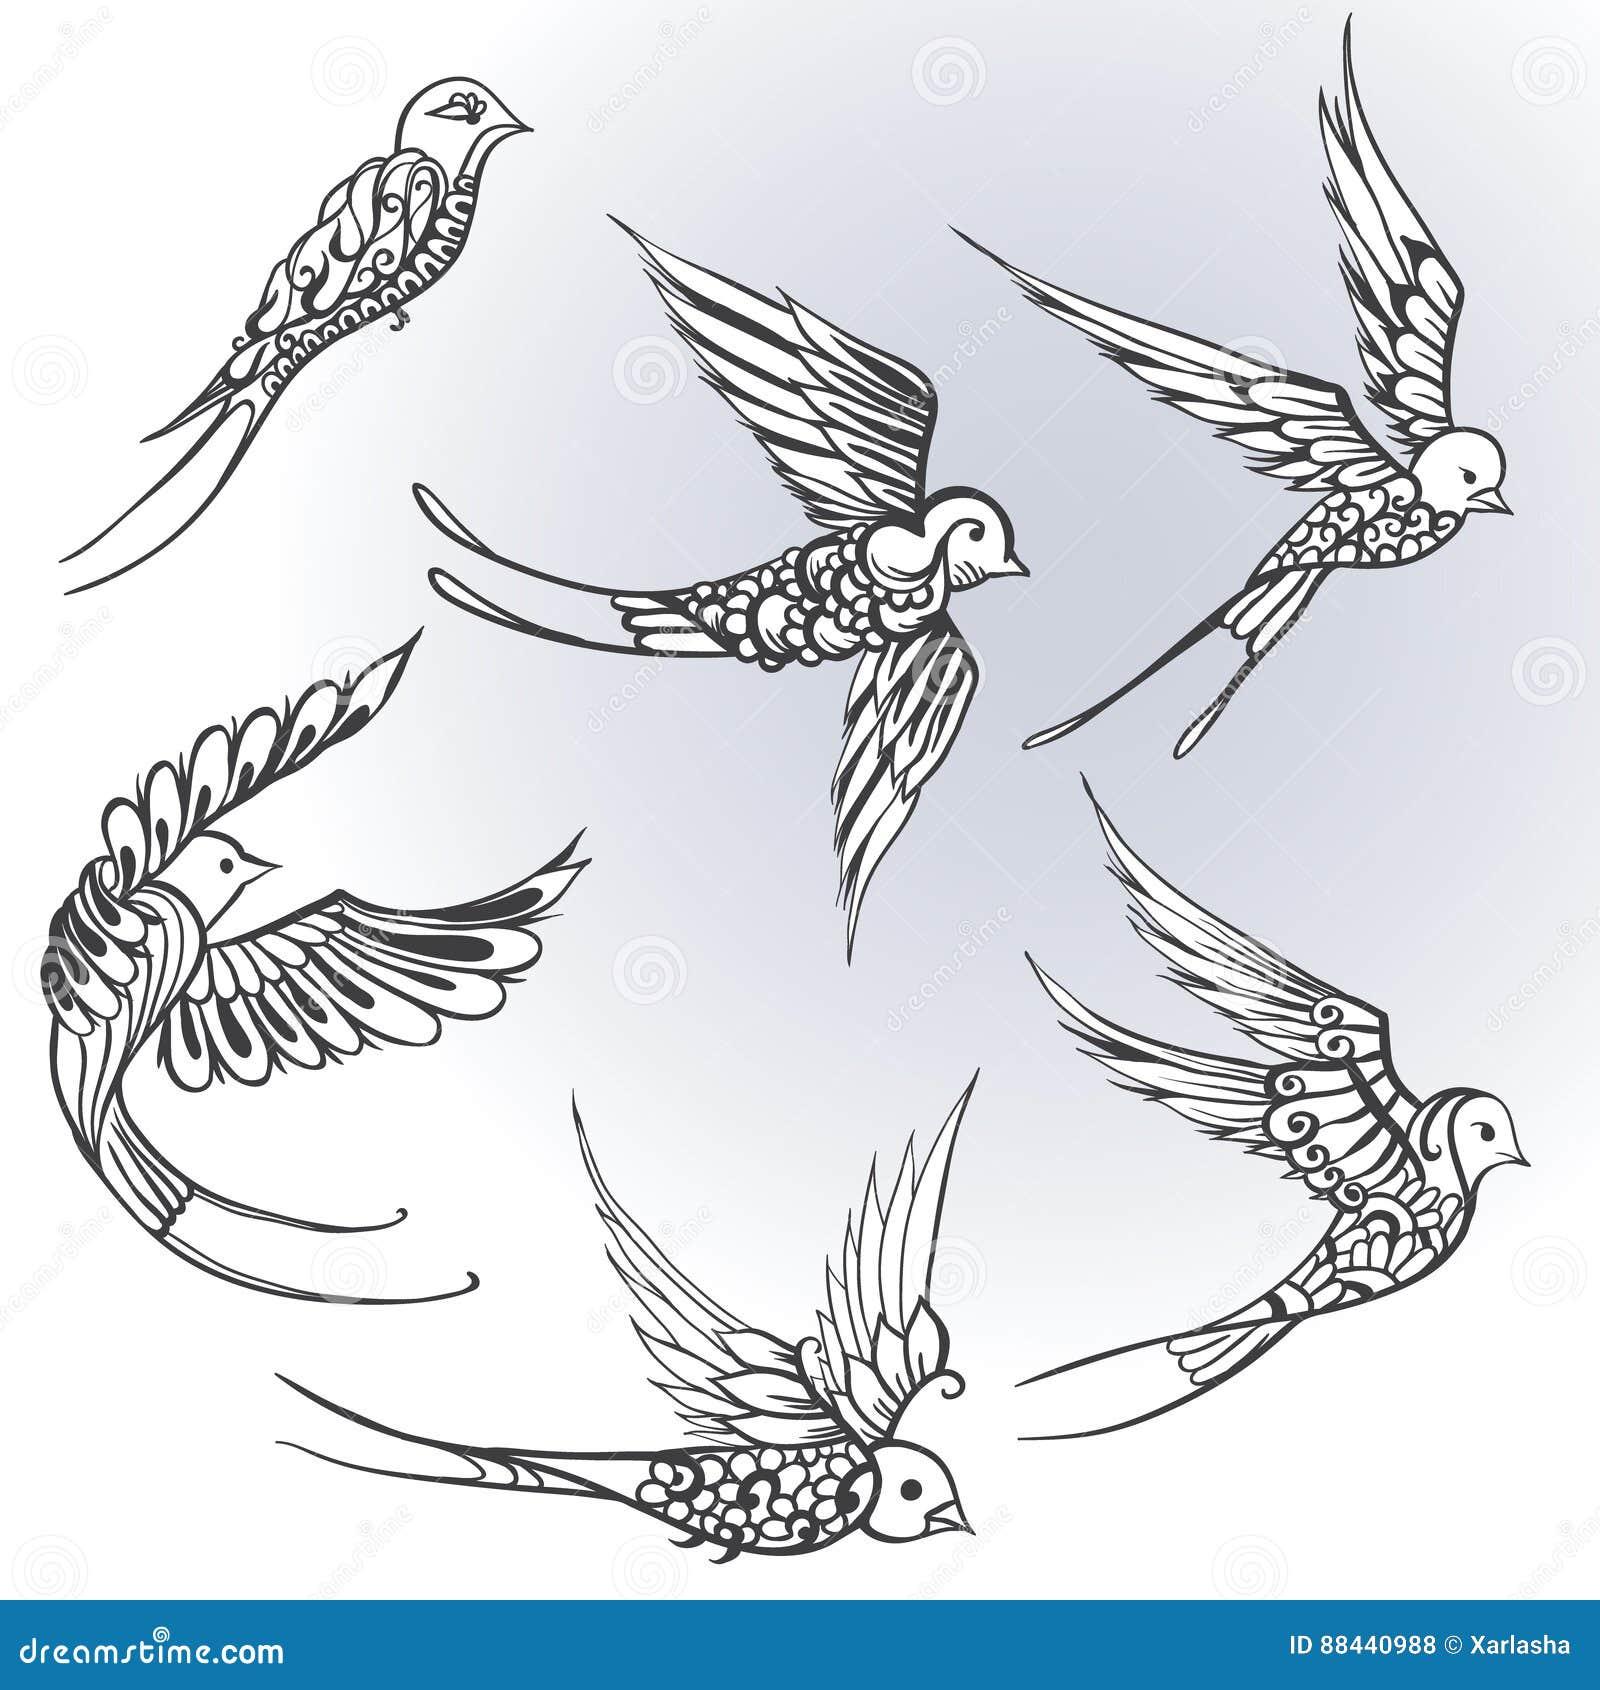 Desenho A Mao Livre De Ilustracoes Dos Passaros Andorinhas